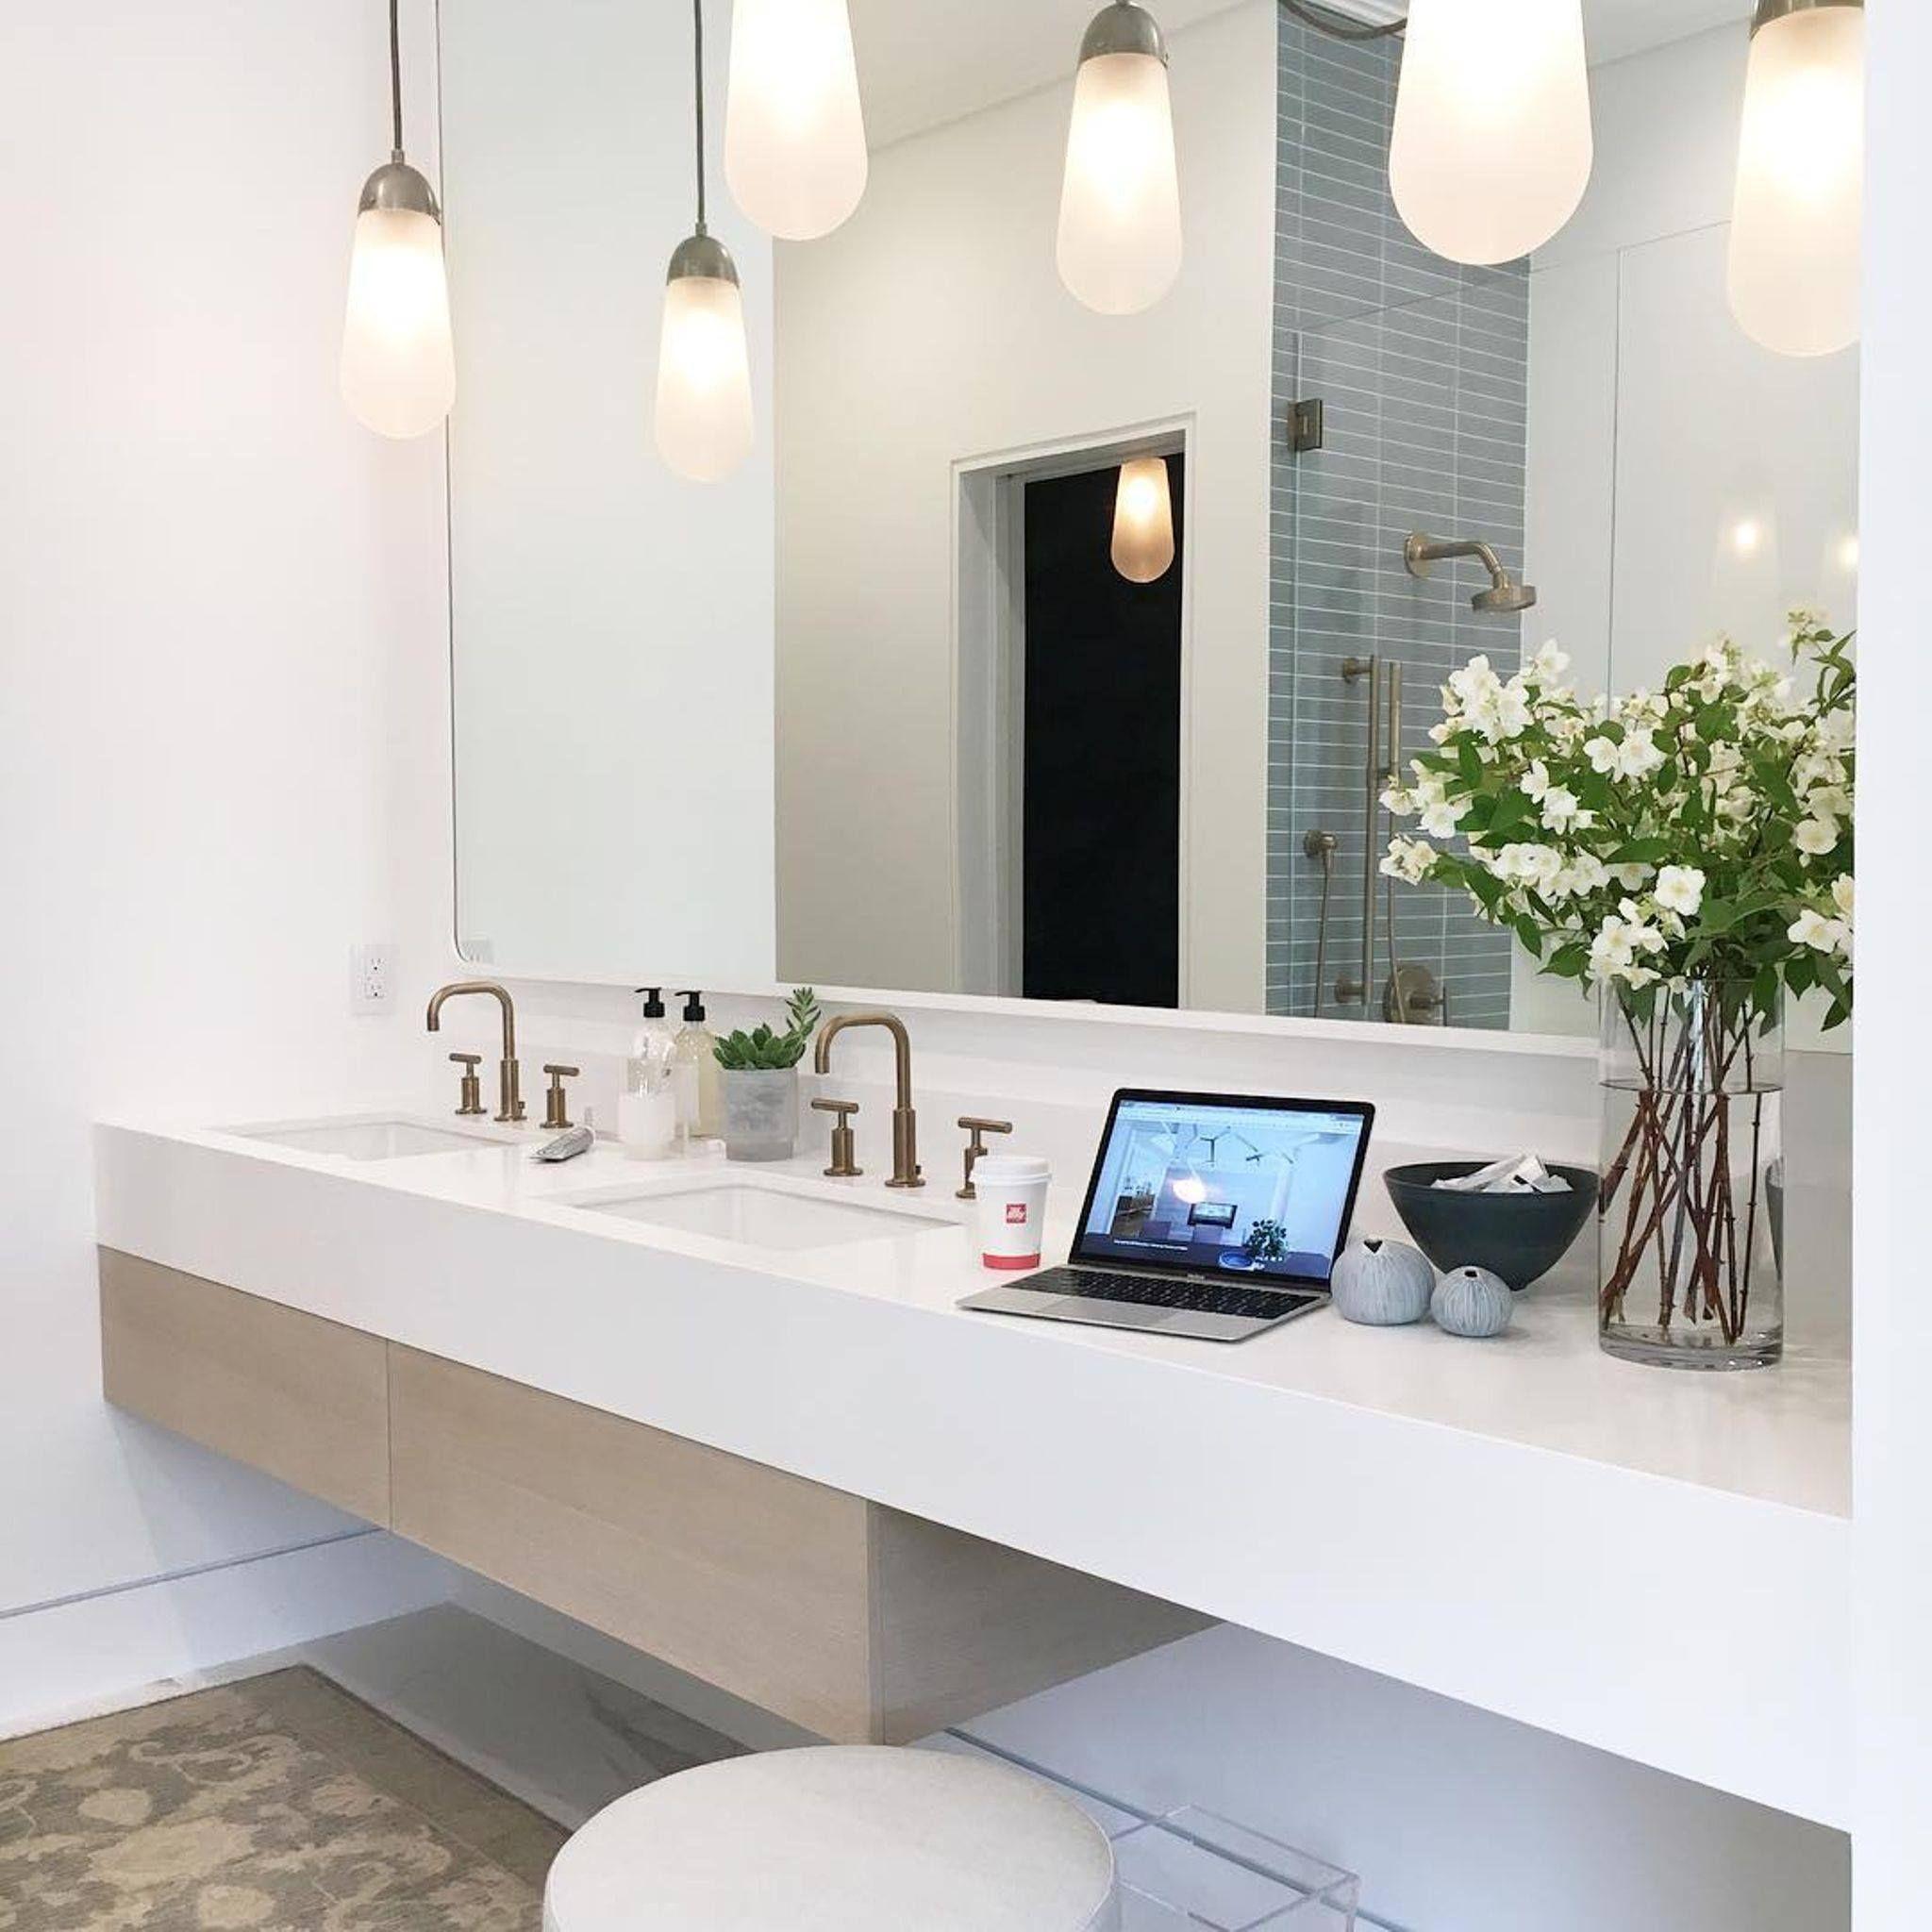 Vanity View Of Modern And Clean Bathroom